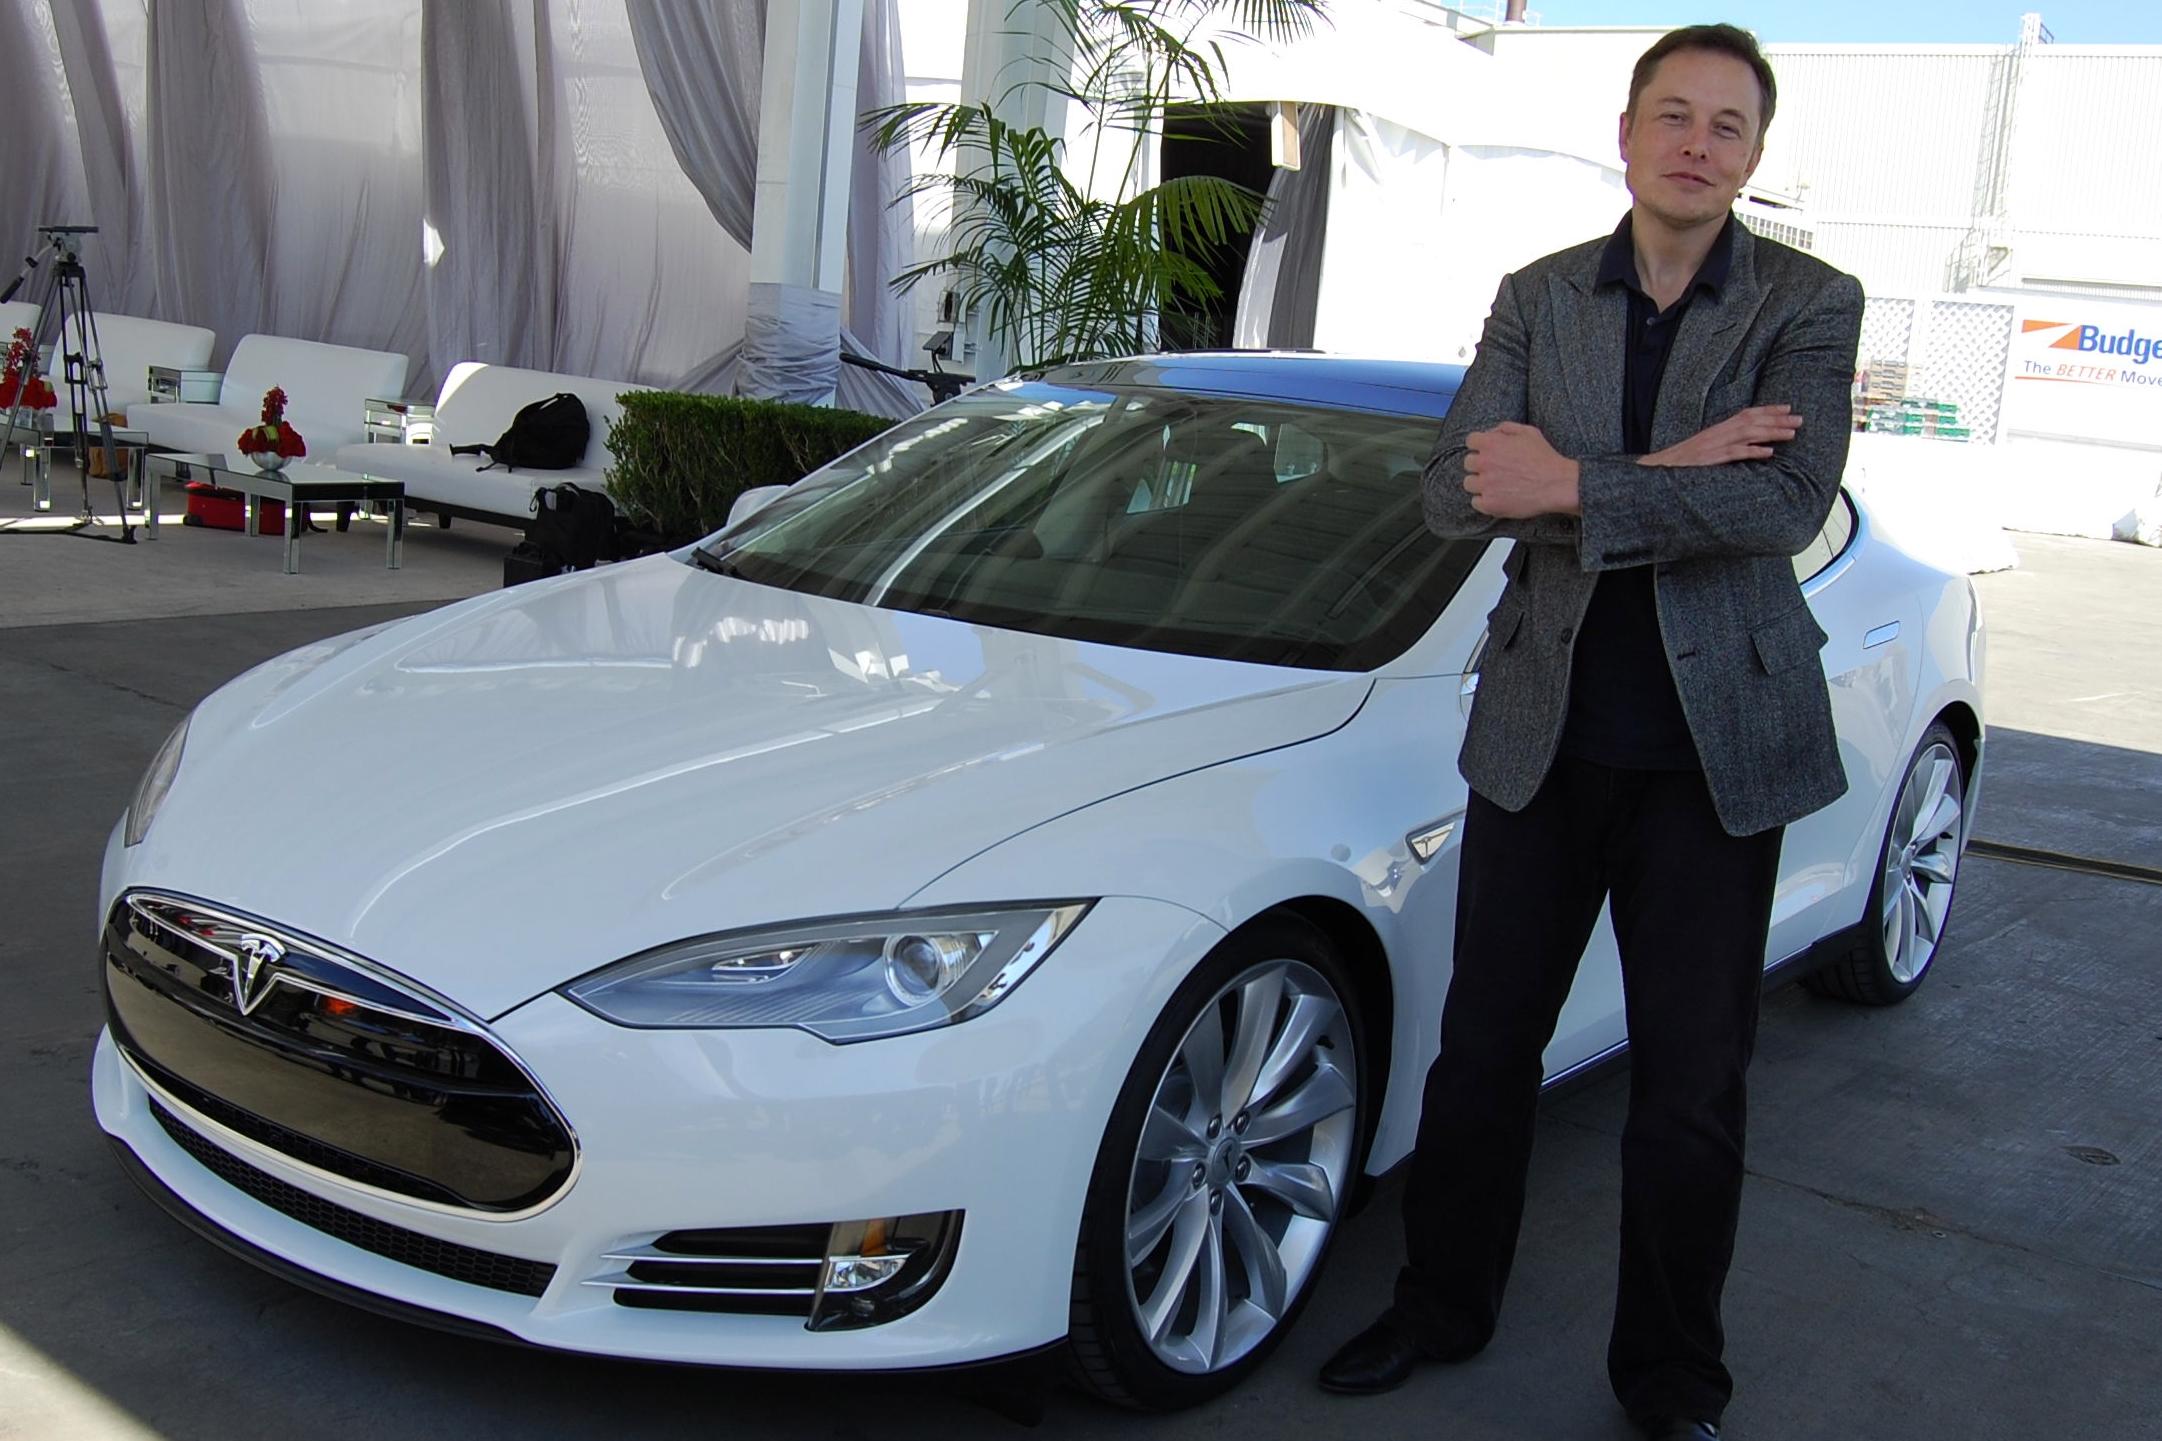 Imagem de Elon Musk deve revelar planos ultrassecretos da Tesla em breve no tecmundo